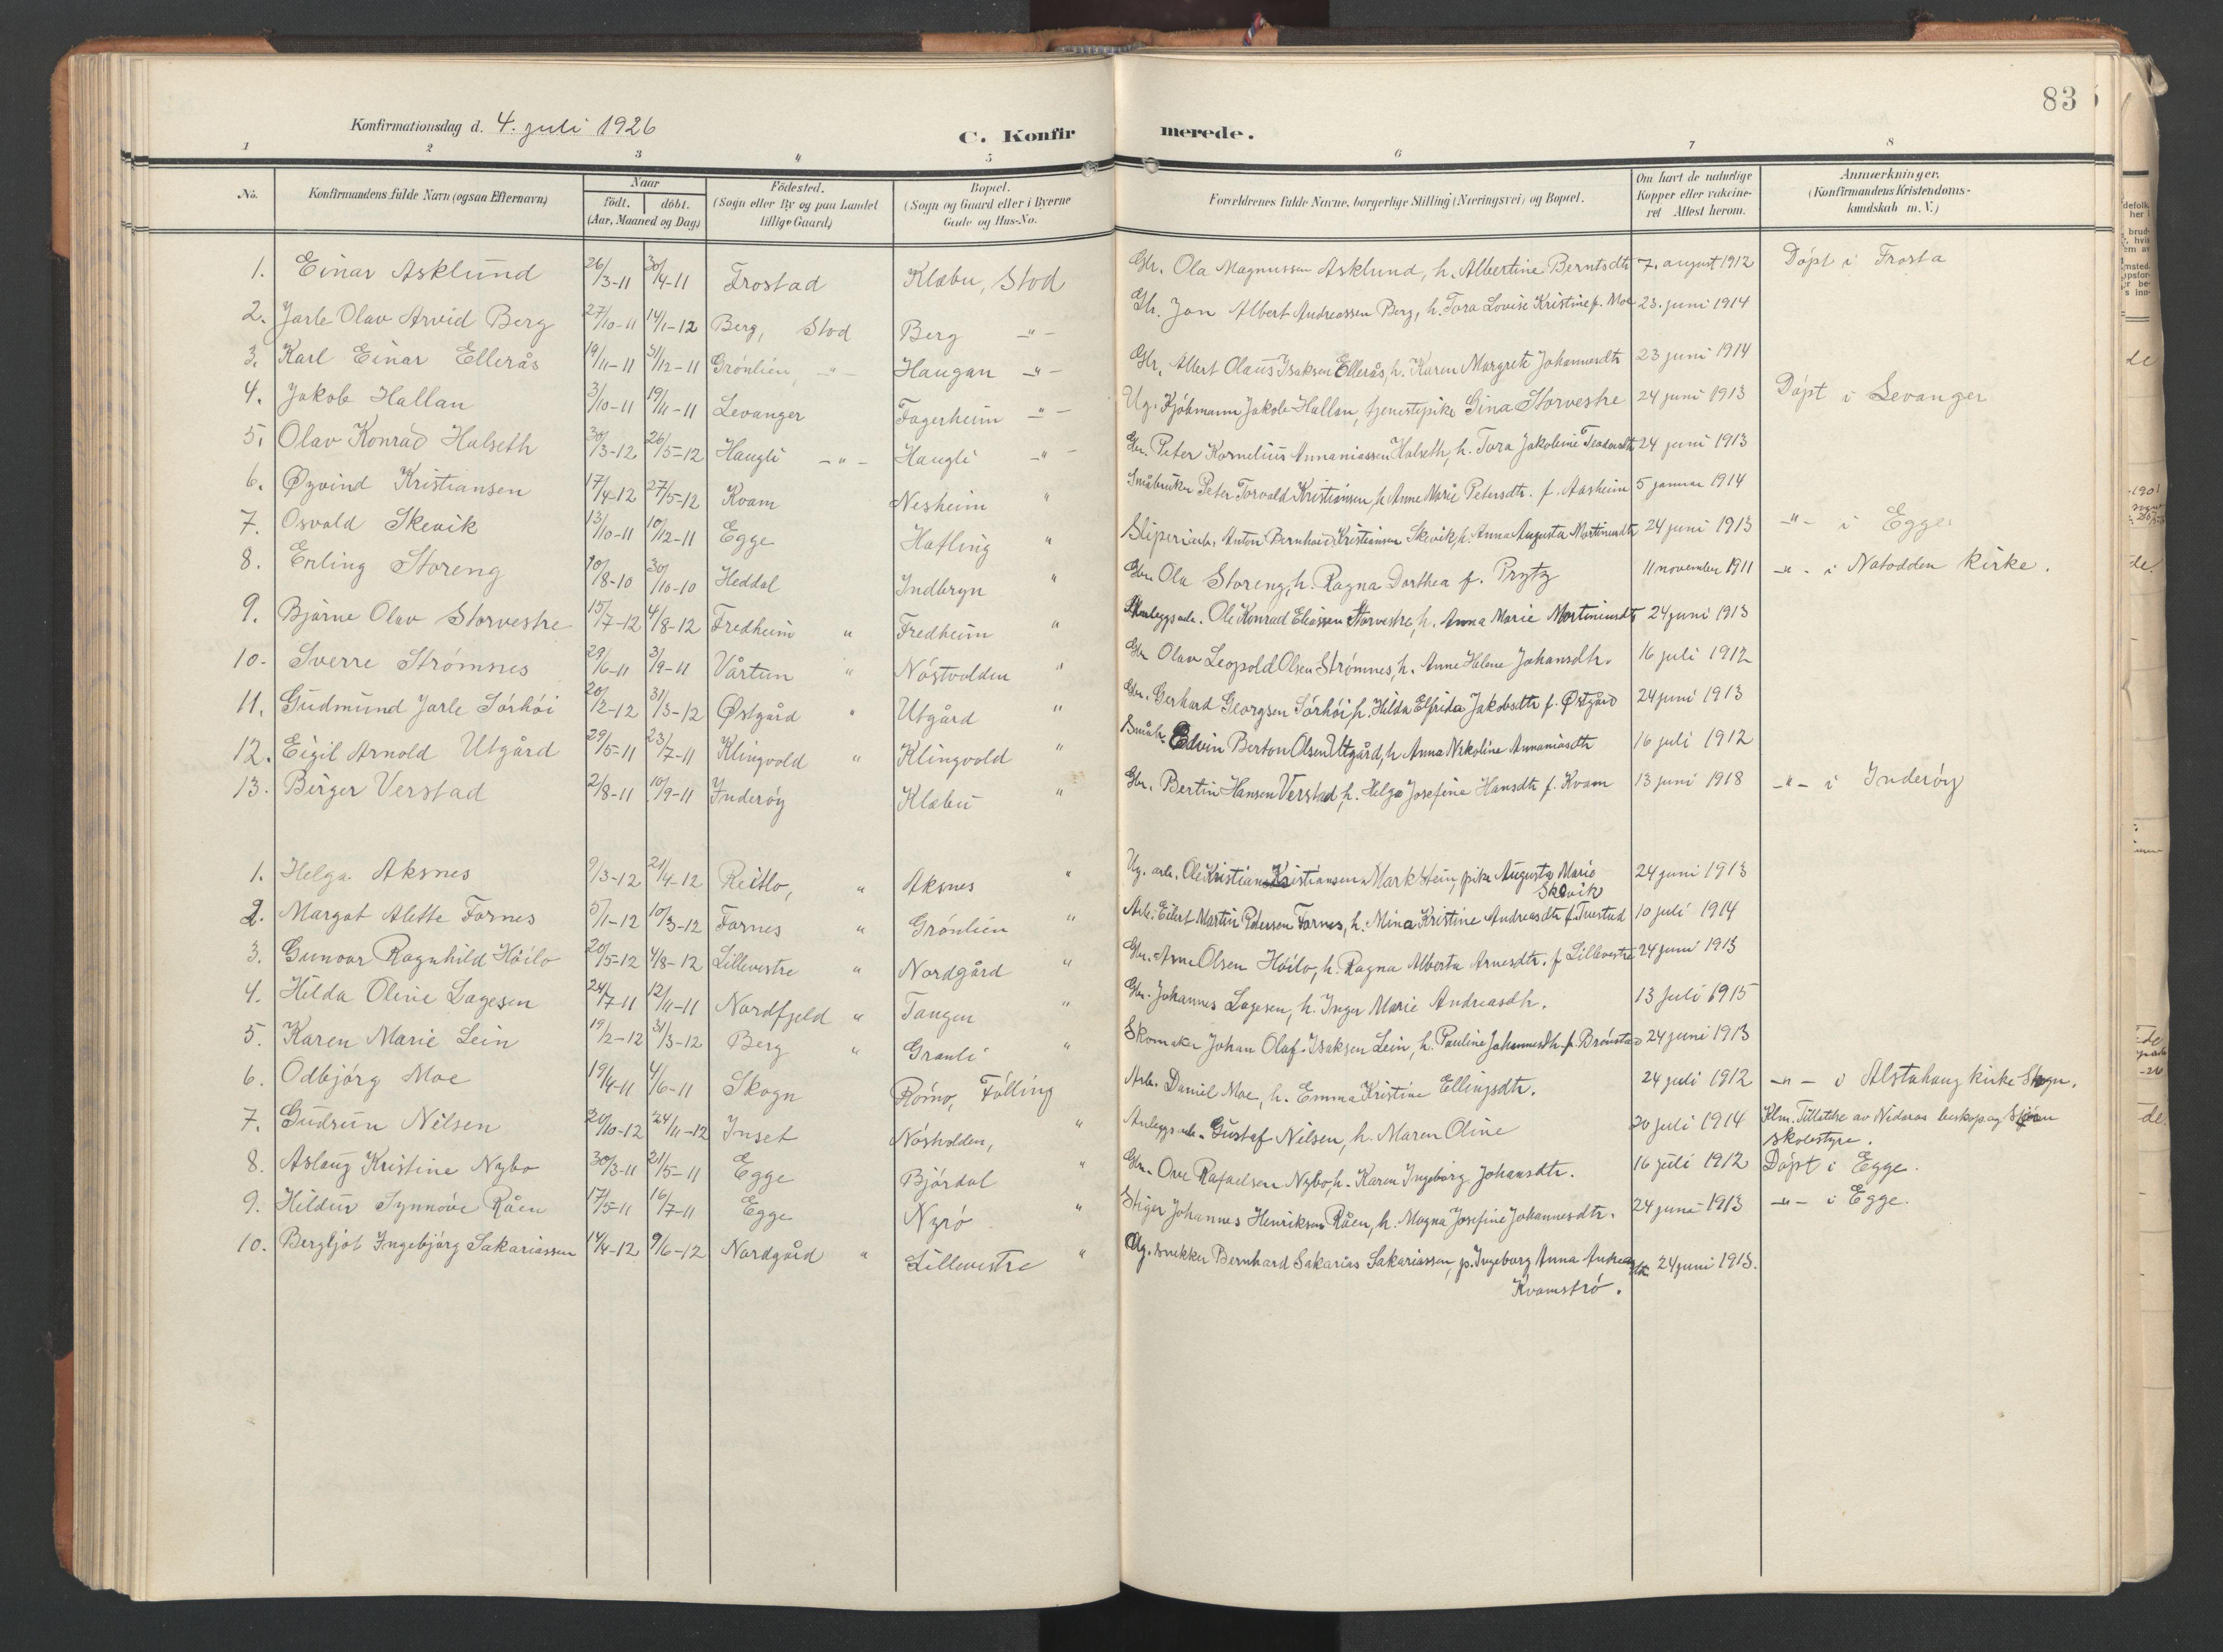 SAT, Ministerialprotokoller, klokkerbøker og fødselsregistre - Nord-Trøndelag, 746/L0455: Klokkerbok nr. 746C01, 1908-1933, s. 83